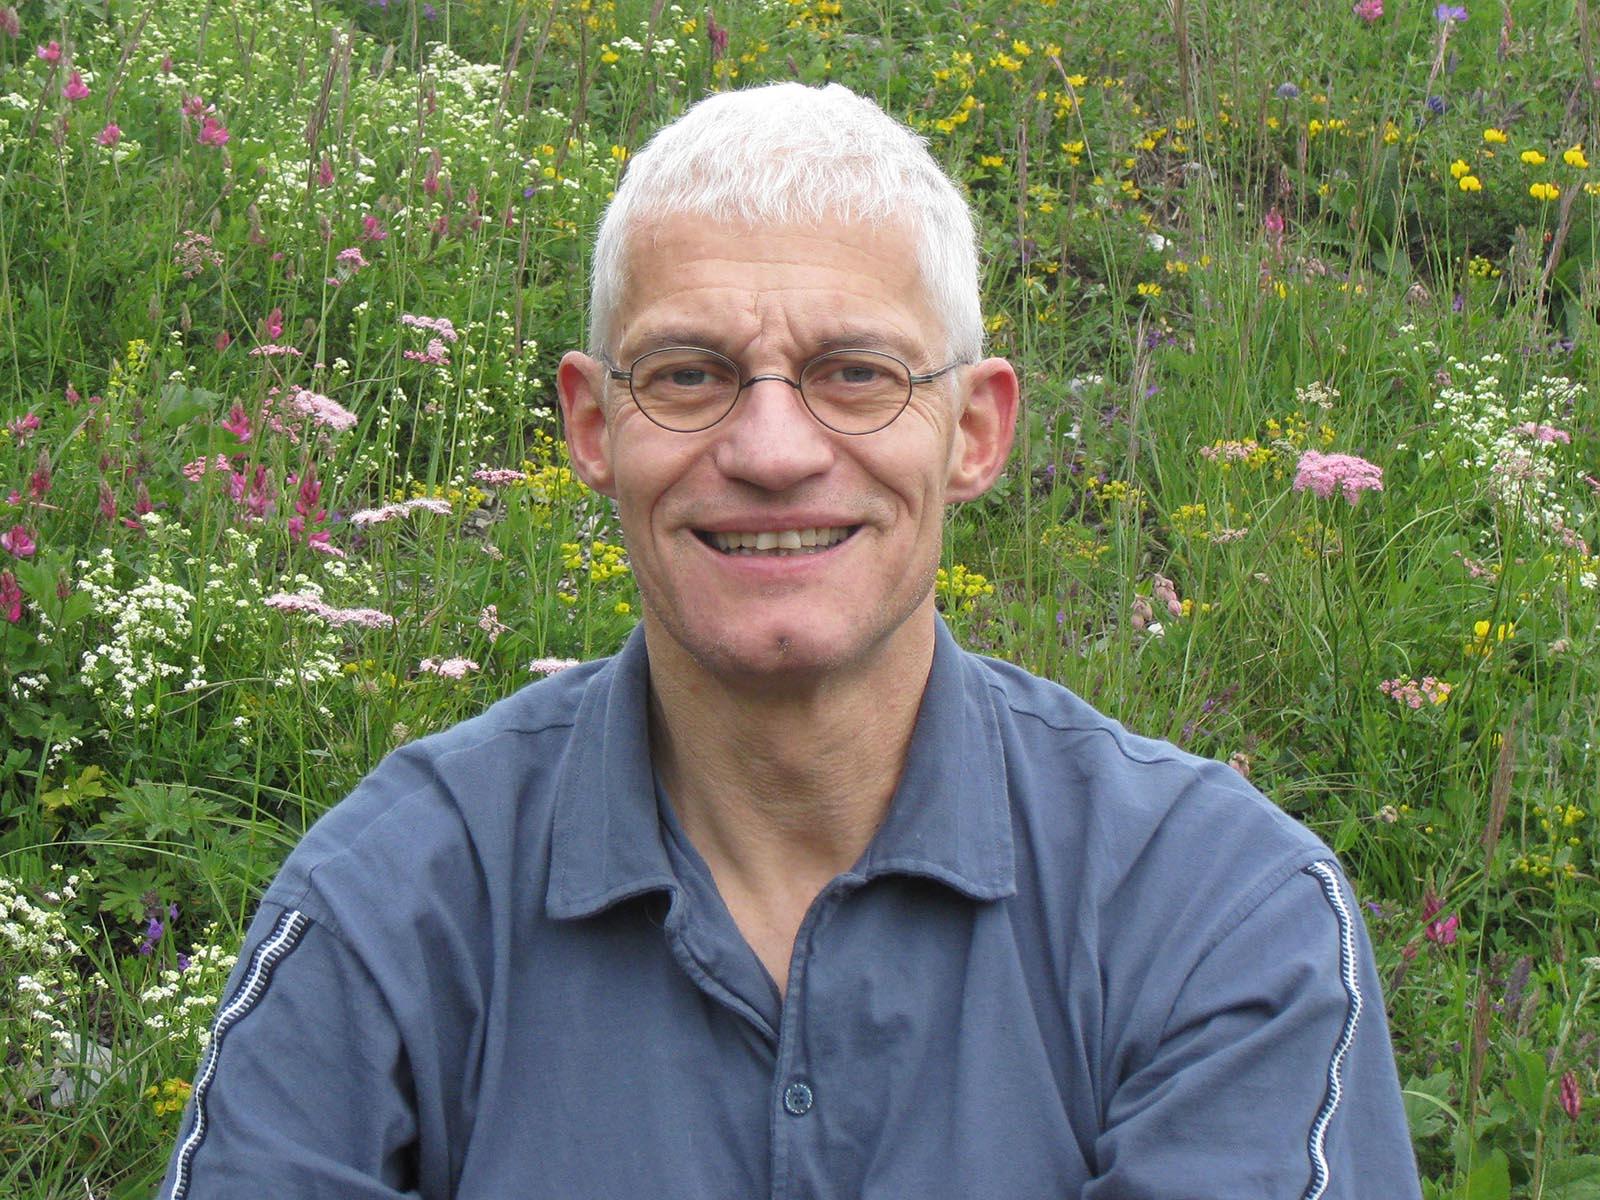 Dr. Peter Christen hat als ehemaliger Hausarzt und Psychotherapeut Erfahrung in der Behandlung von Depressionen.